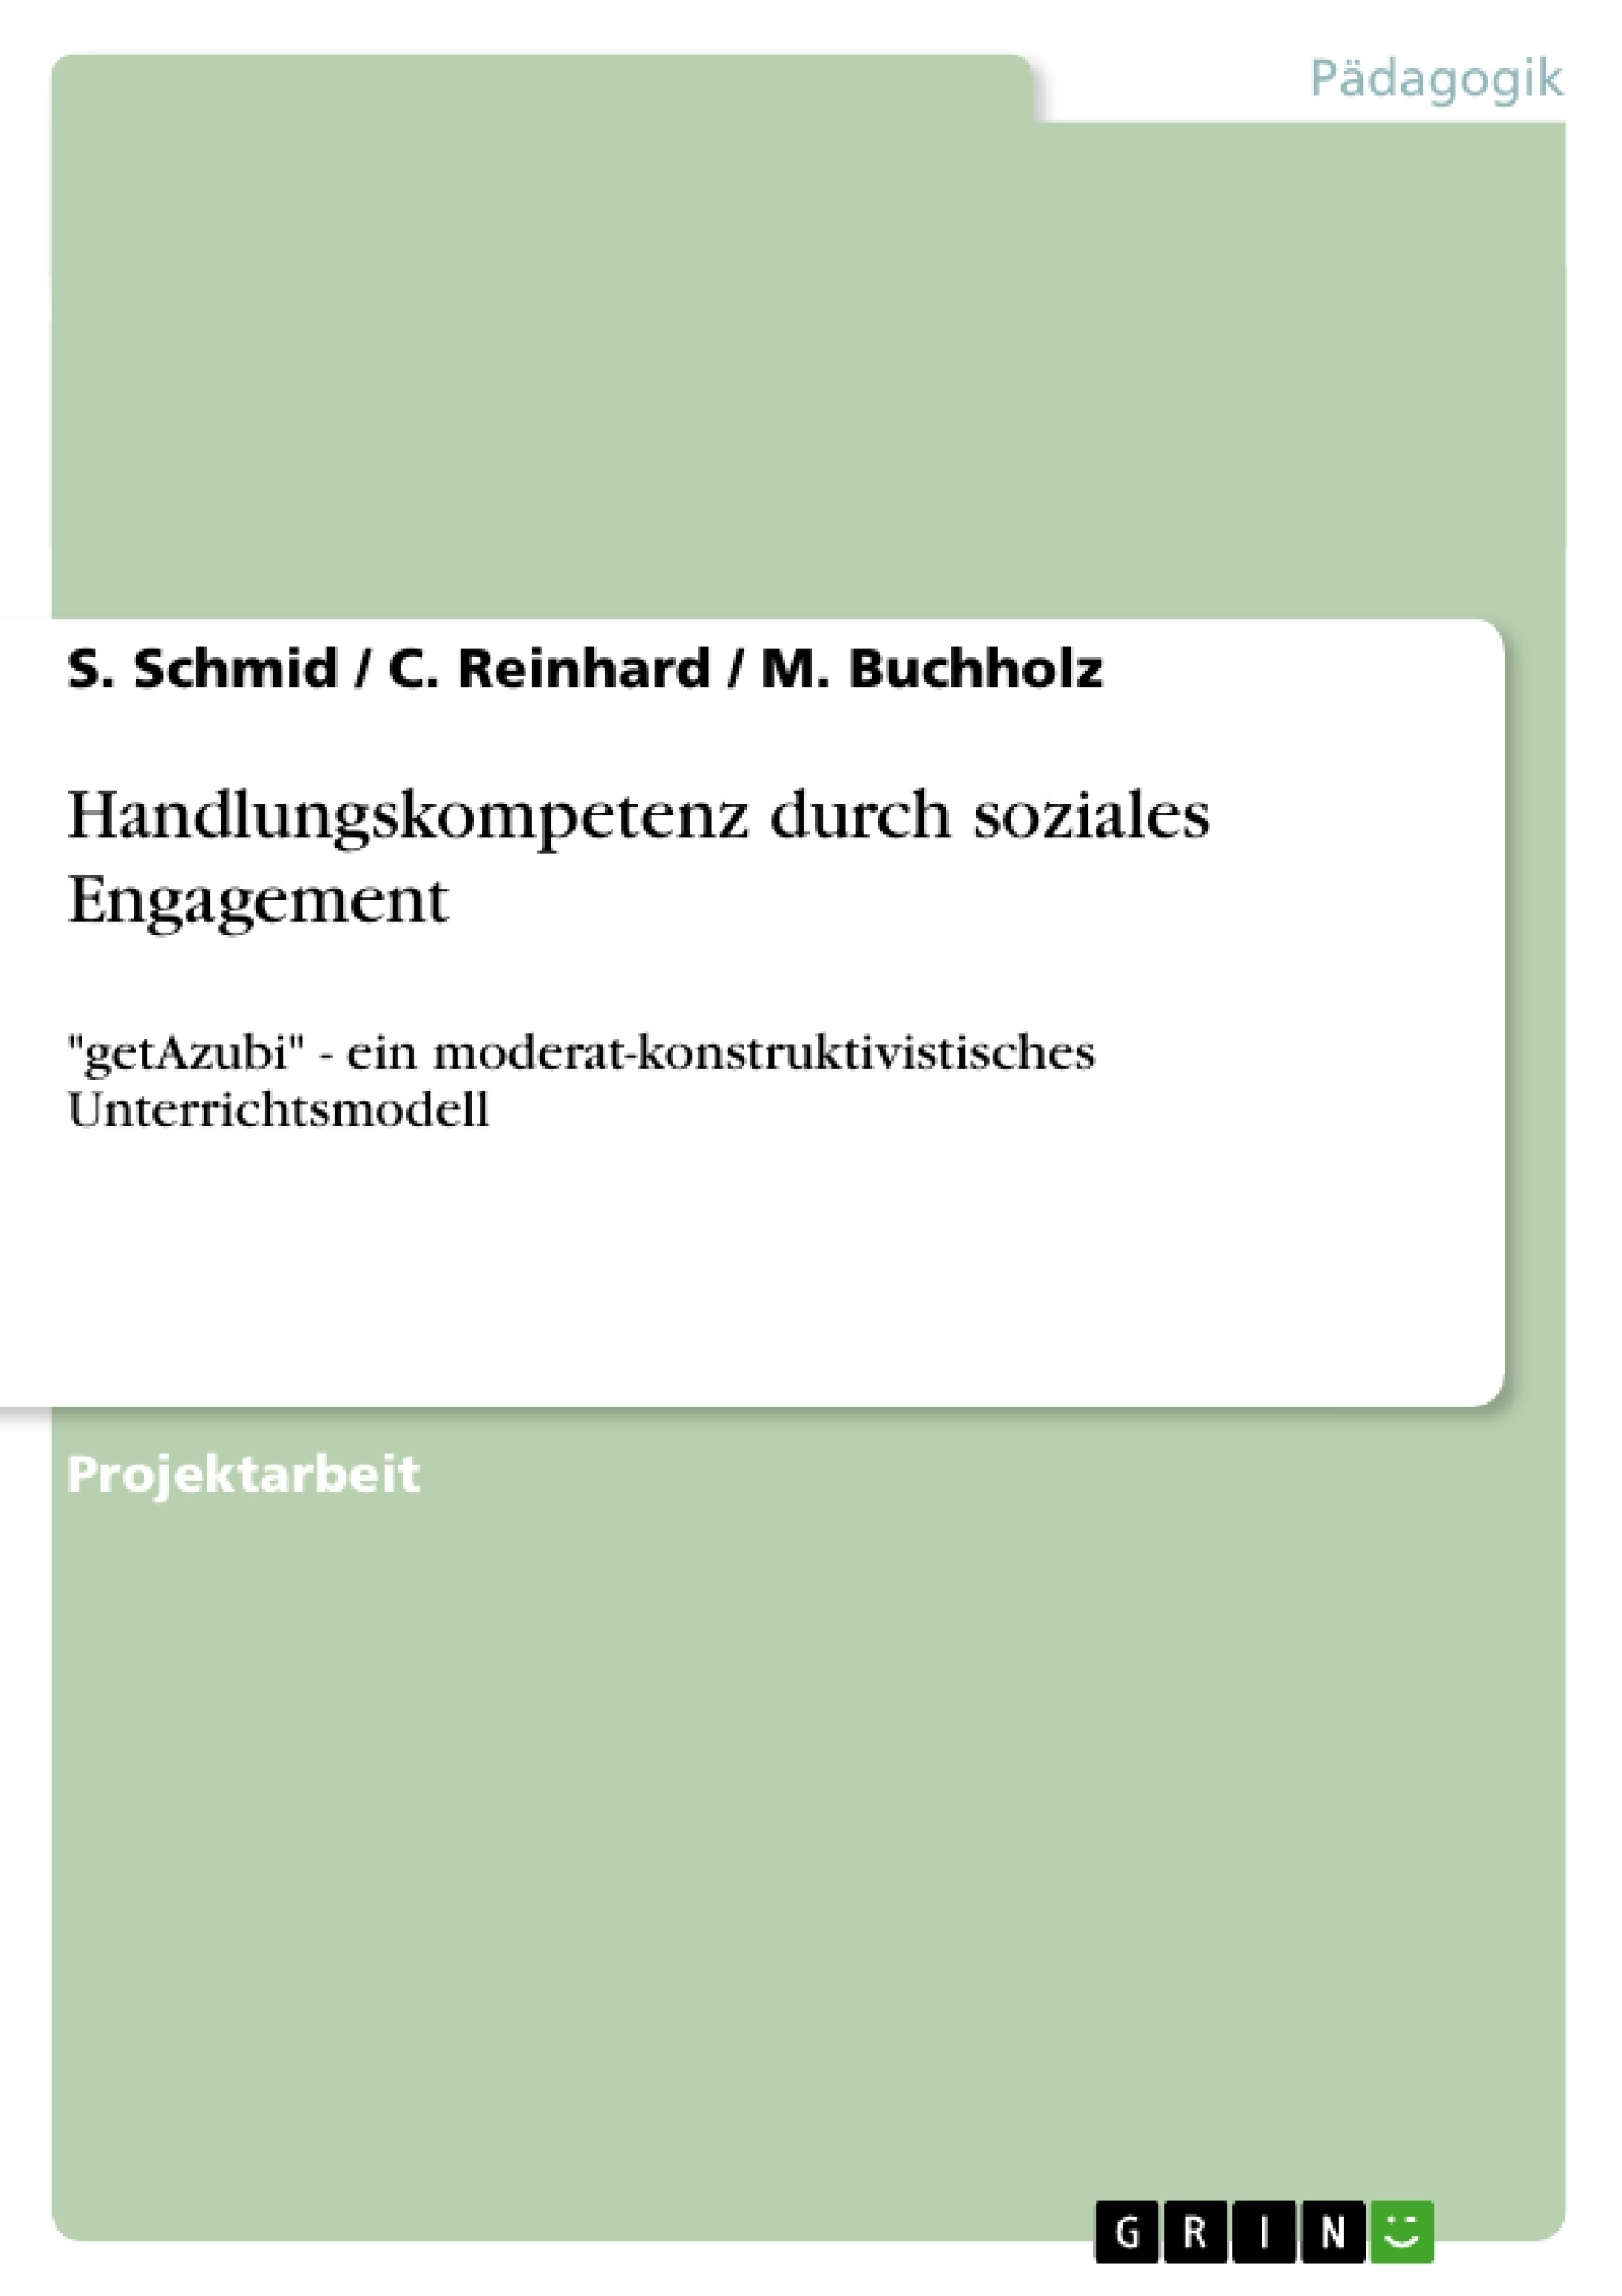 Titel: Handlungskompetenz durch soziales Engagement